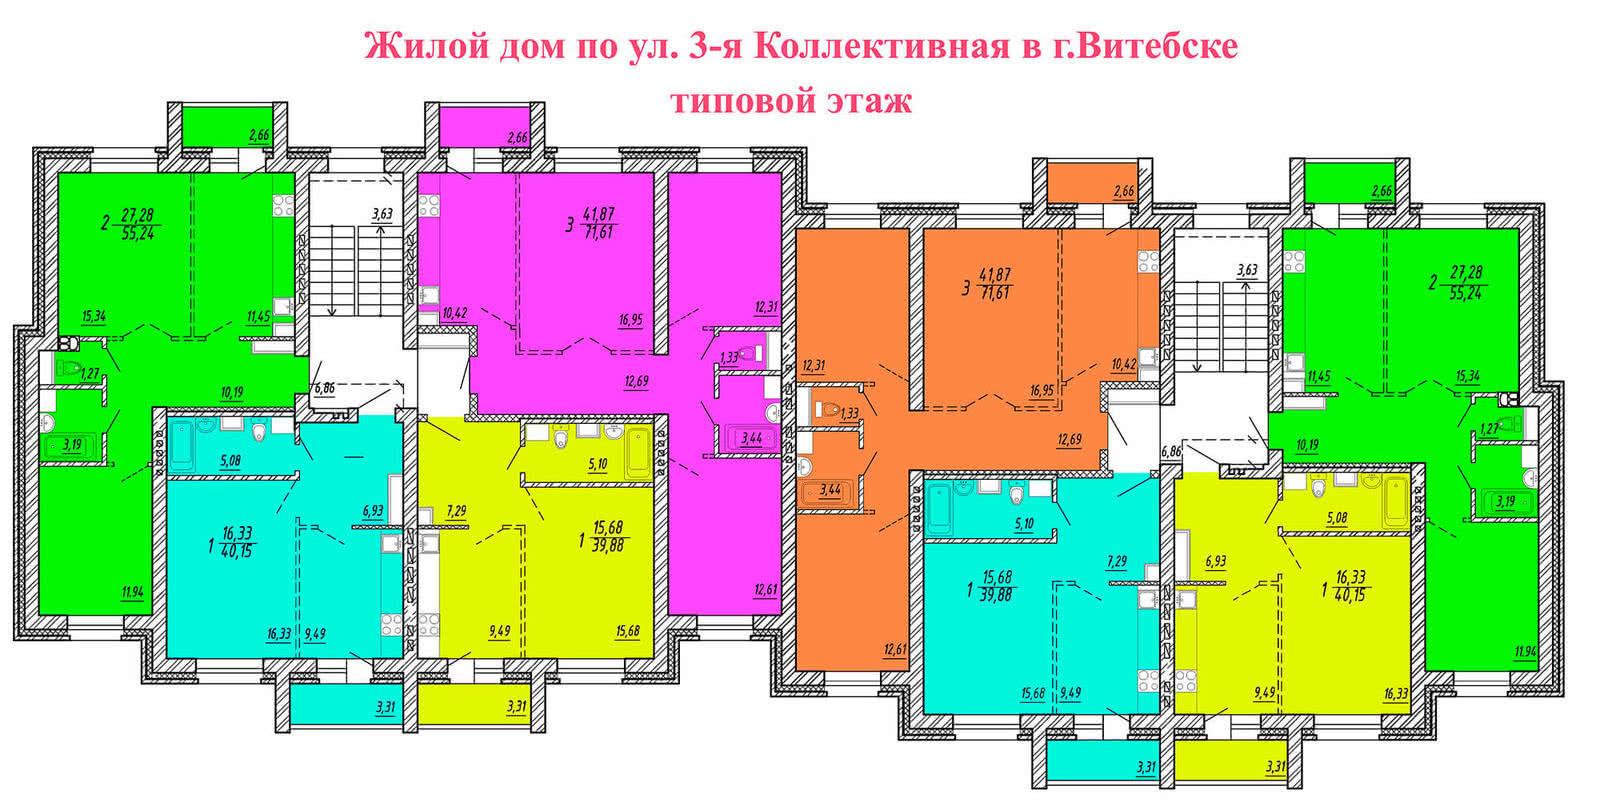 Дом по ул. 3-я Коллективная в г. Витебске - фото 4